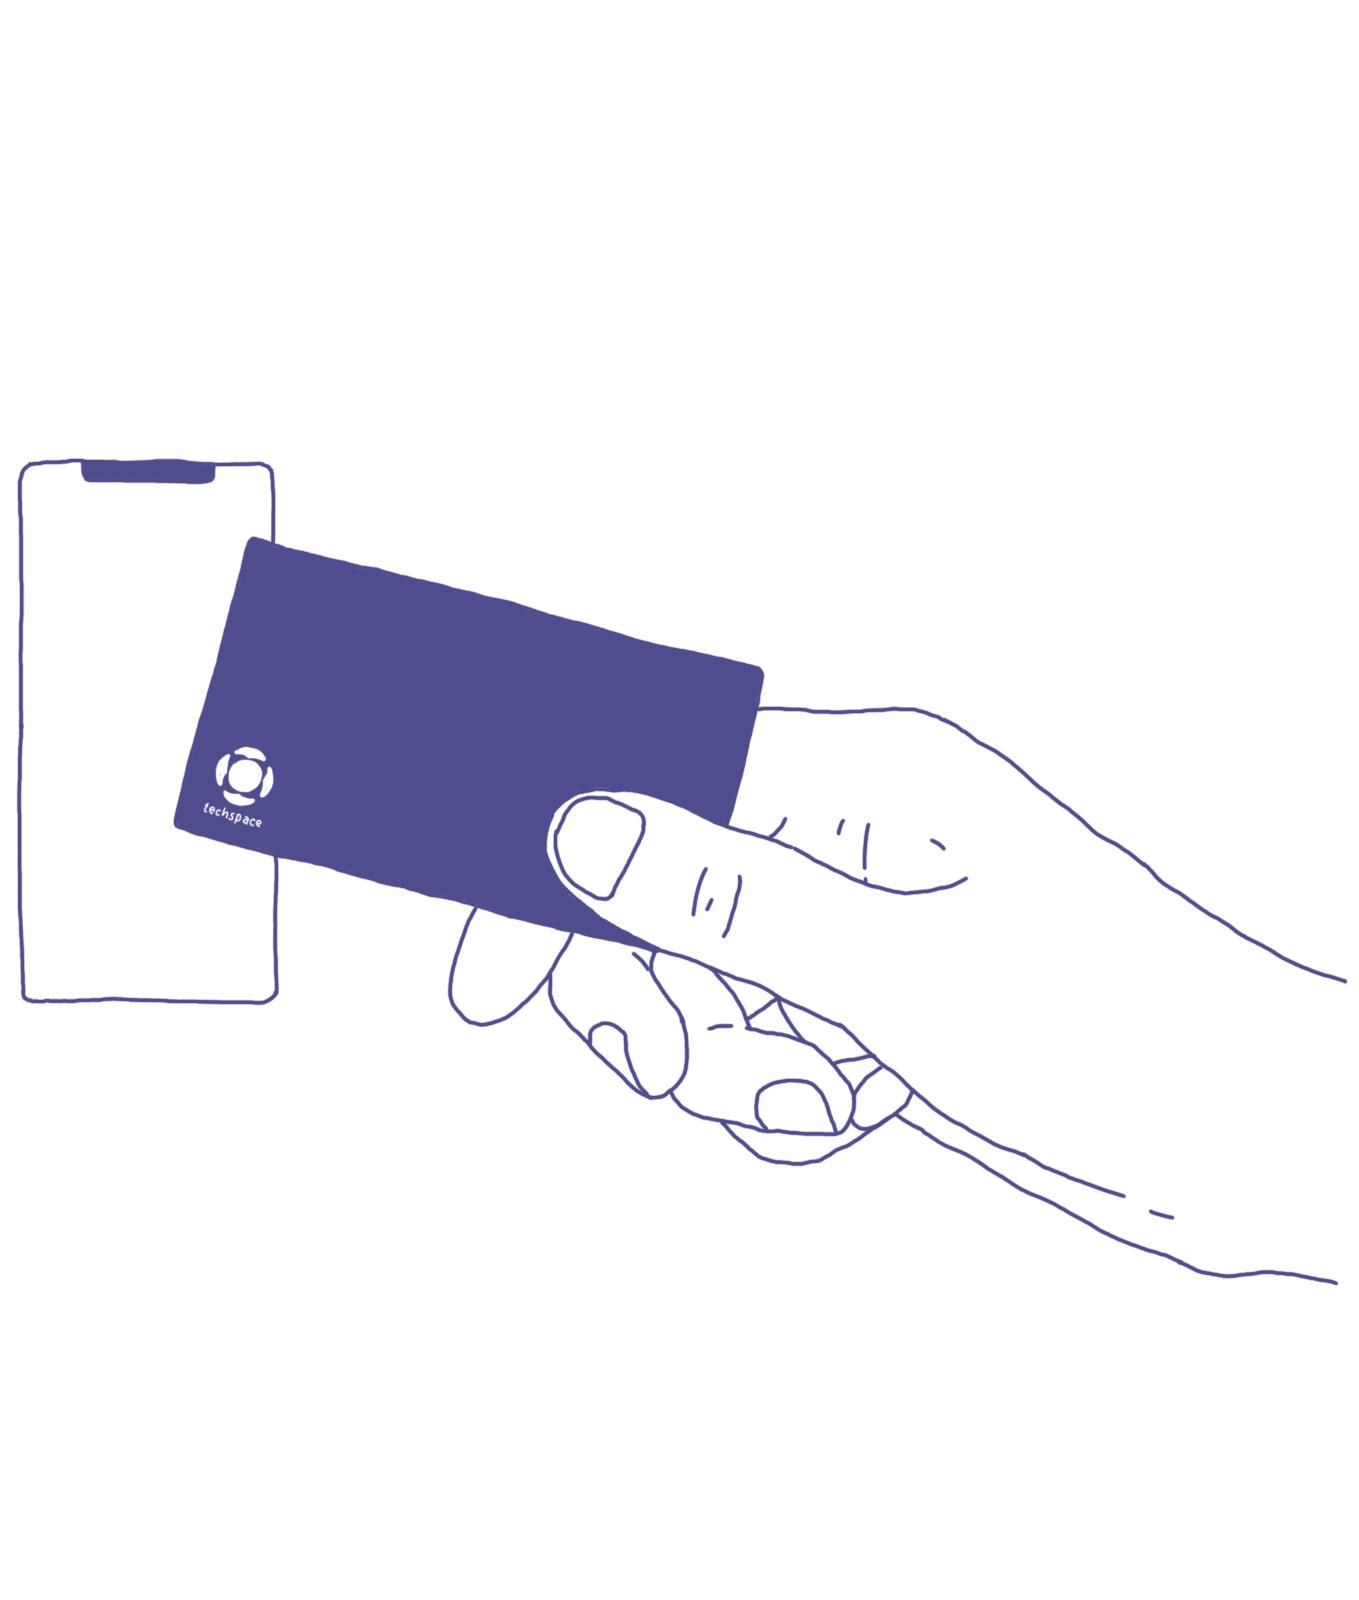 ts_access_card